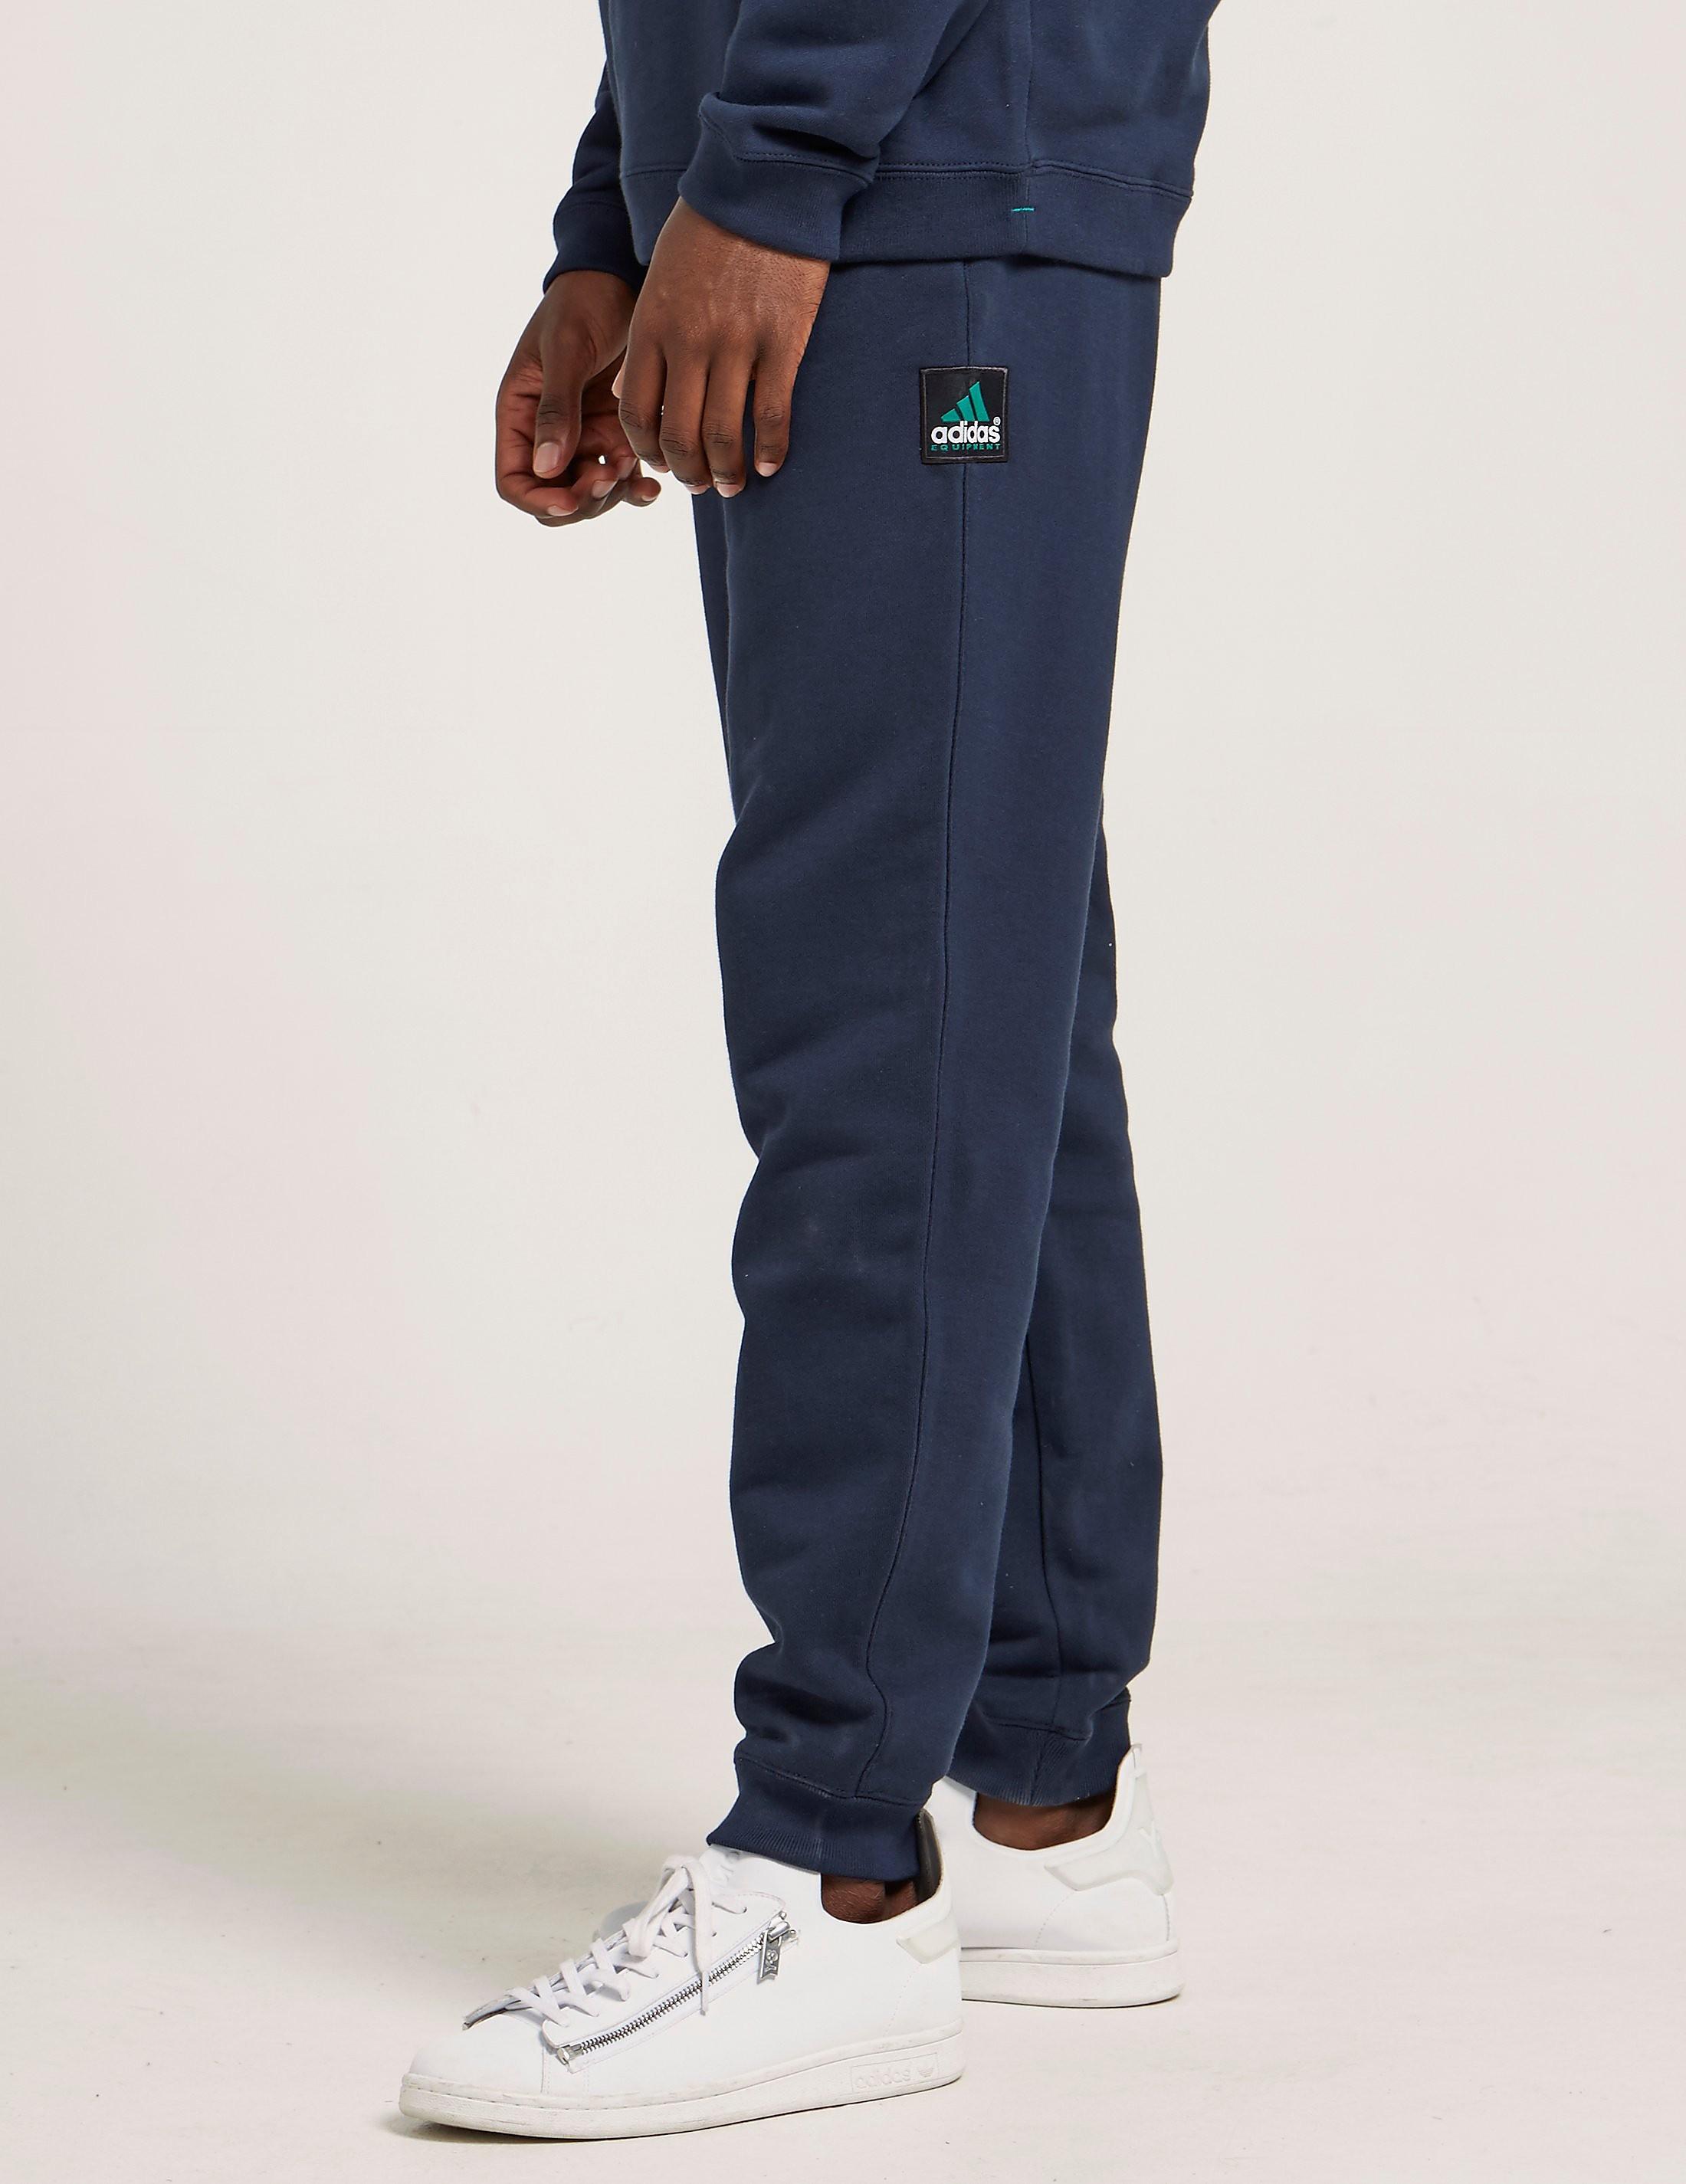 adidas Originals EQT Track Pants